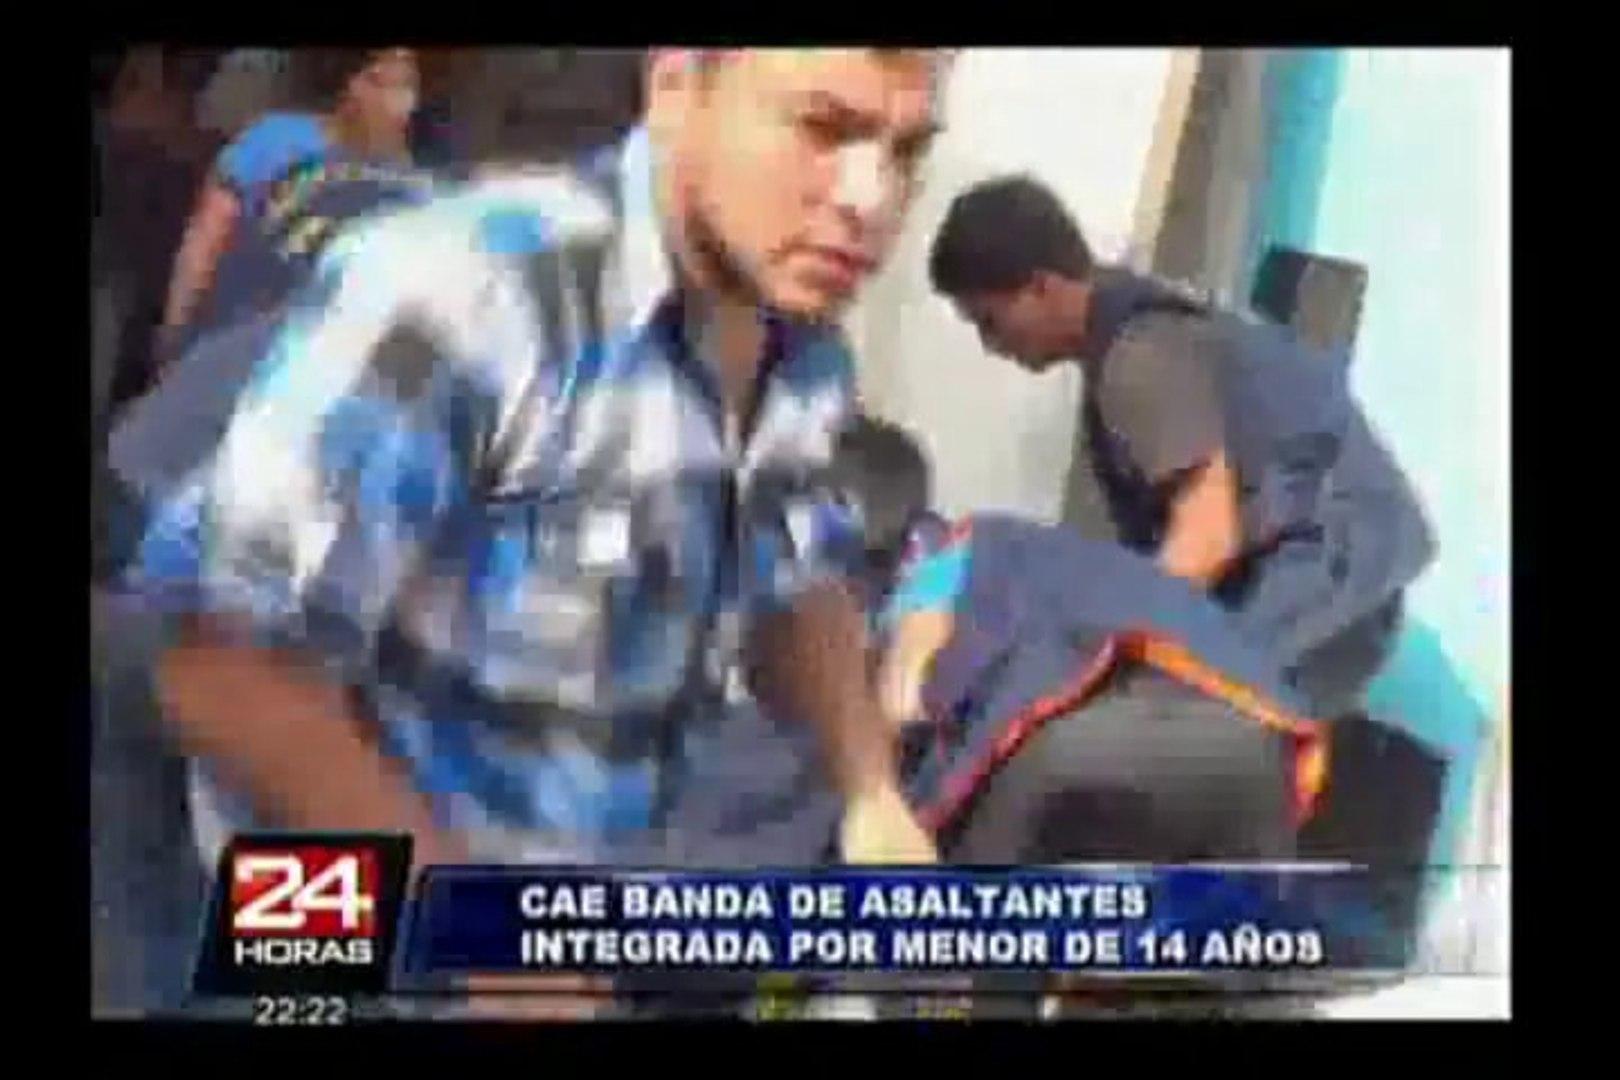 Menor de 14 años integraba banda de jóvenes asaltantes en la Vía de Evitamiento